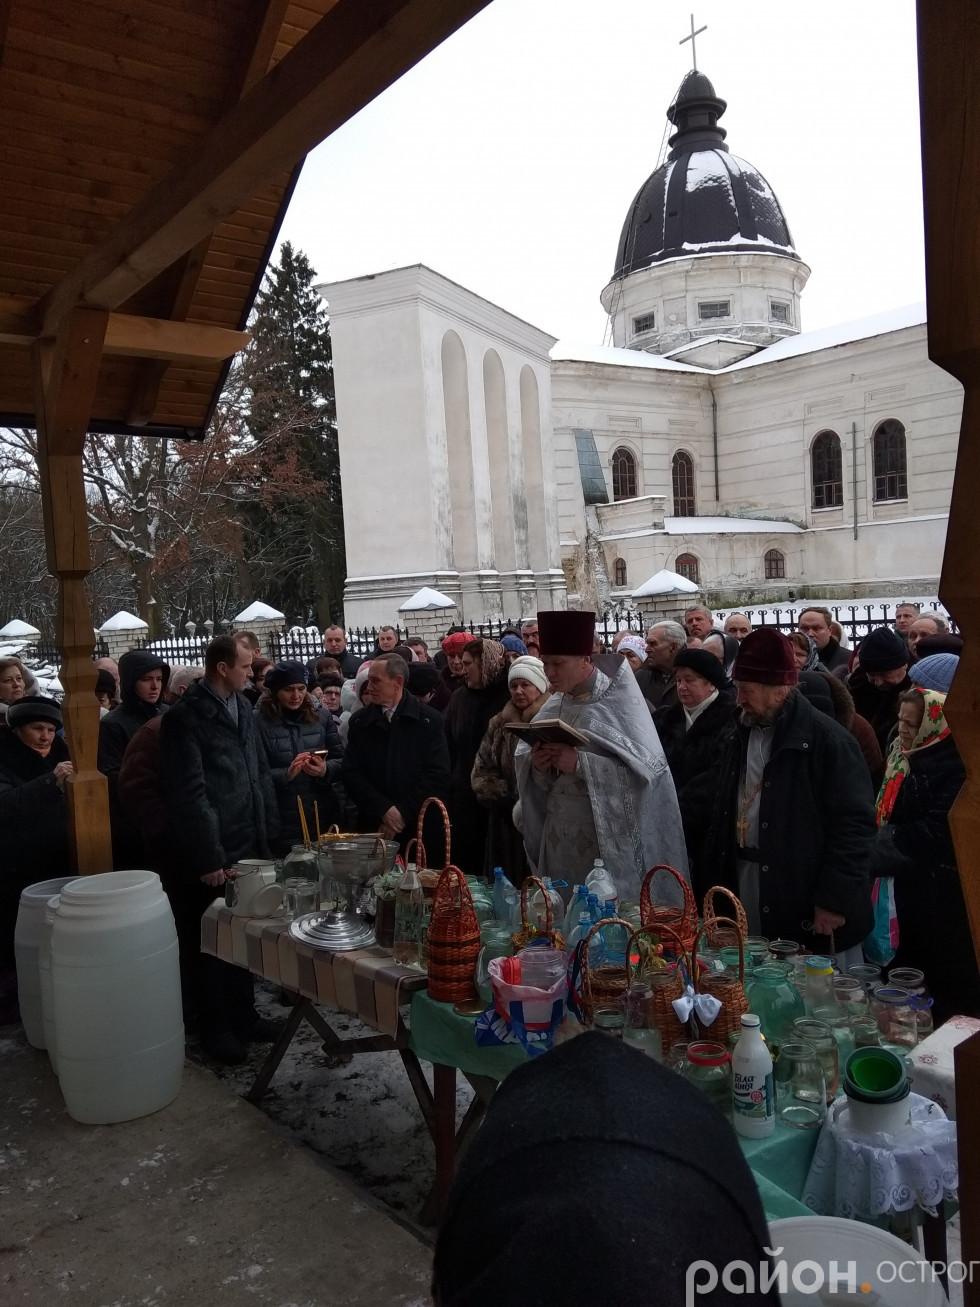 Отець Юрій (Лукашик) виконує чин Великого освячення води в Свято-Миколаївській церкві